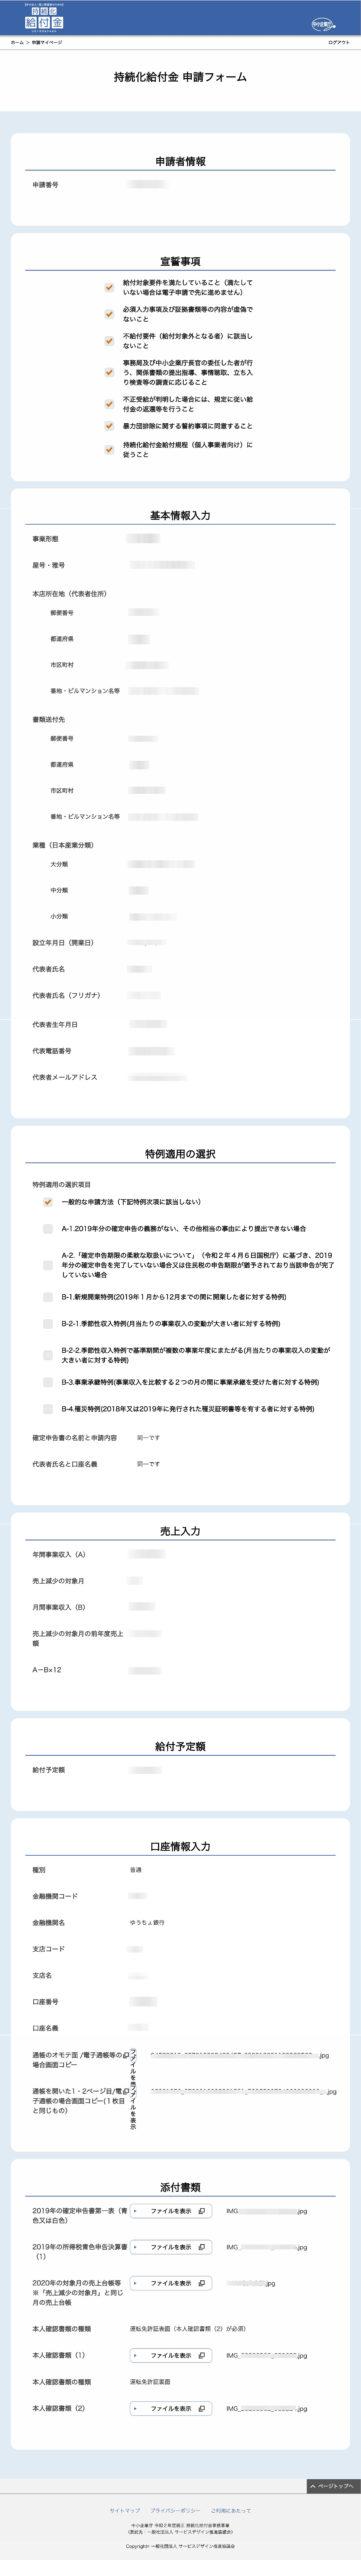 金 申請 化 給付 持続 マイ ページ